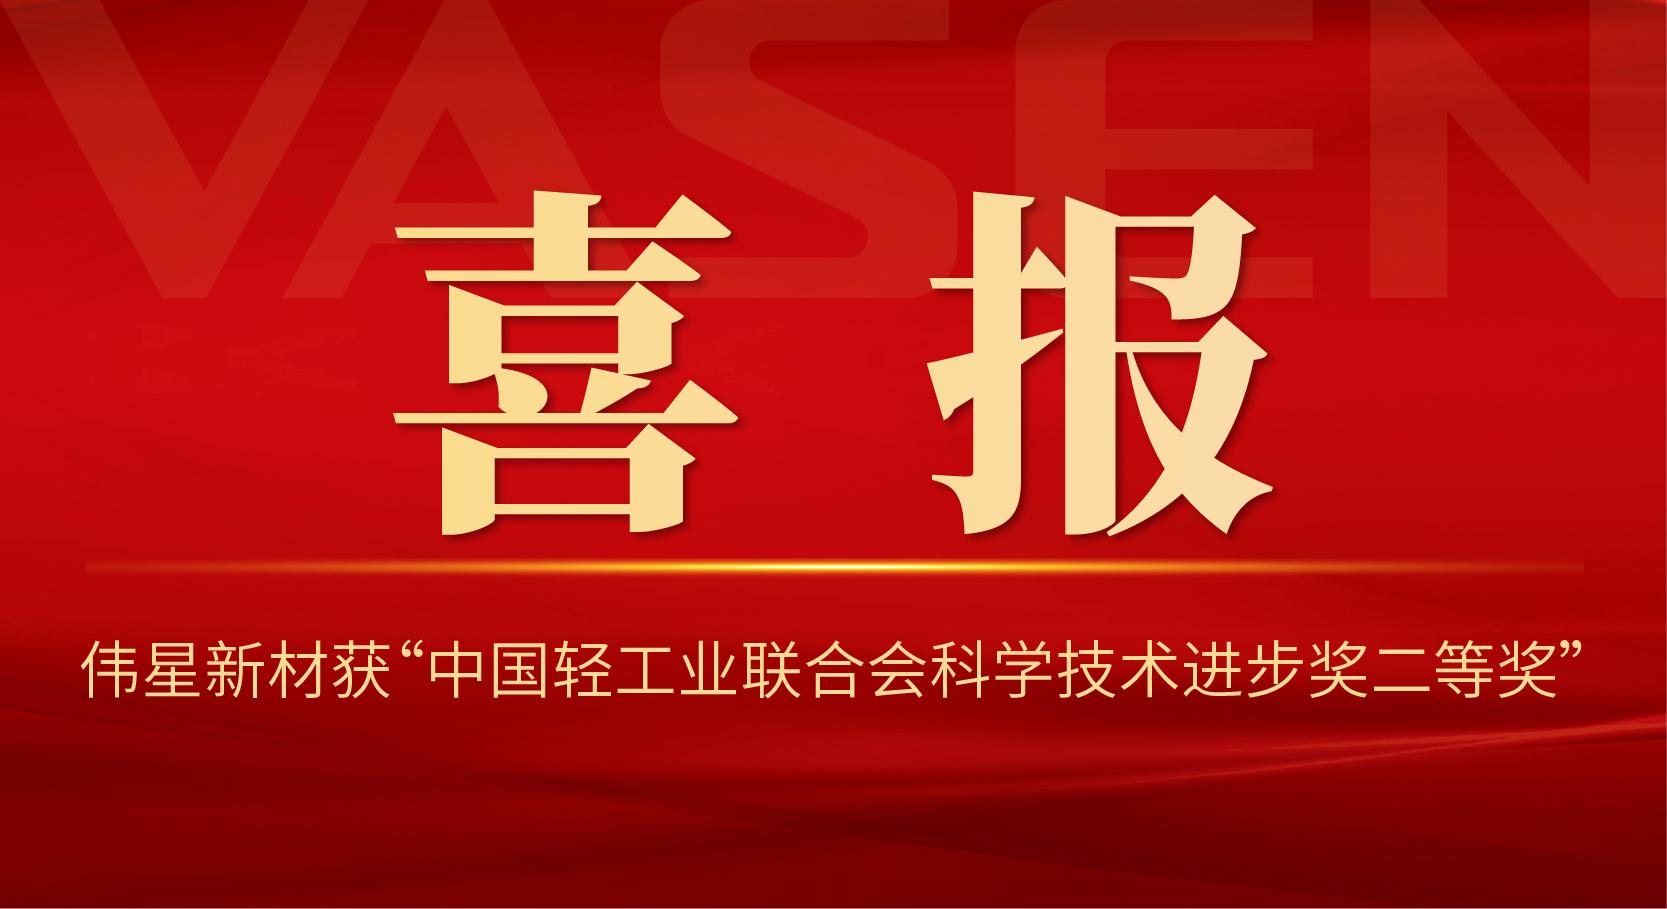 """喜报!伟星新材获 """"中国轻工业联合会科学技术进步奖二等奖""""!"""